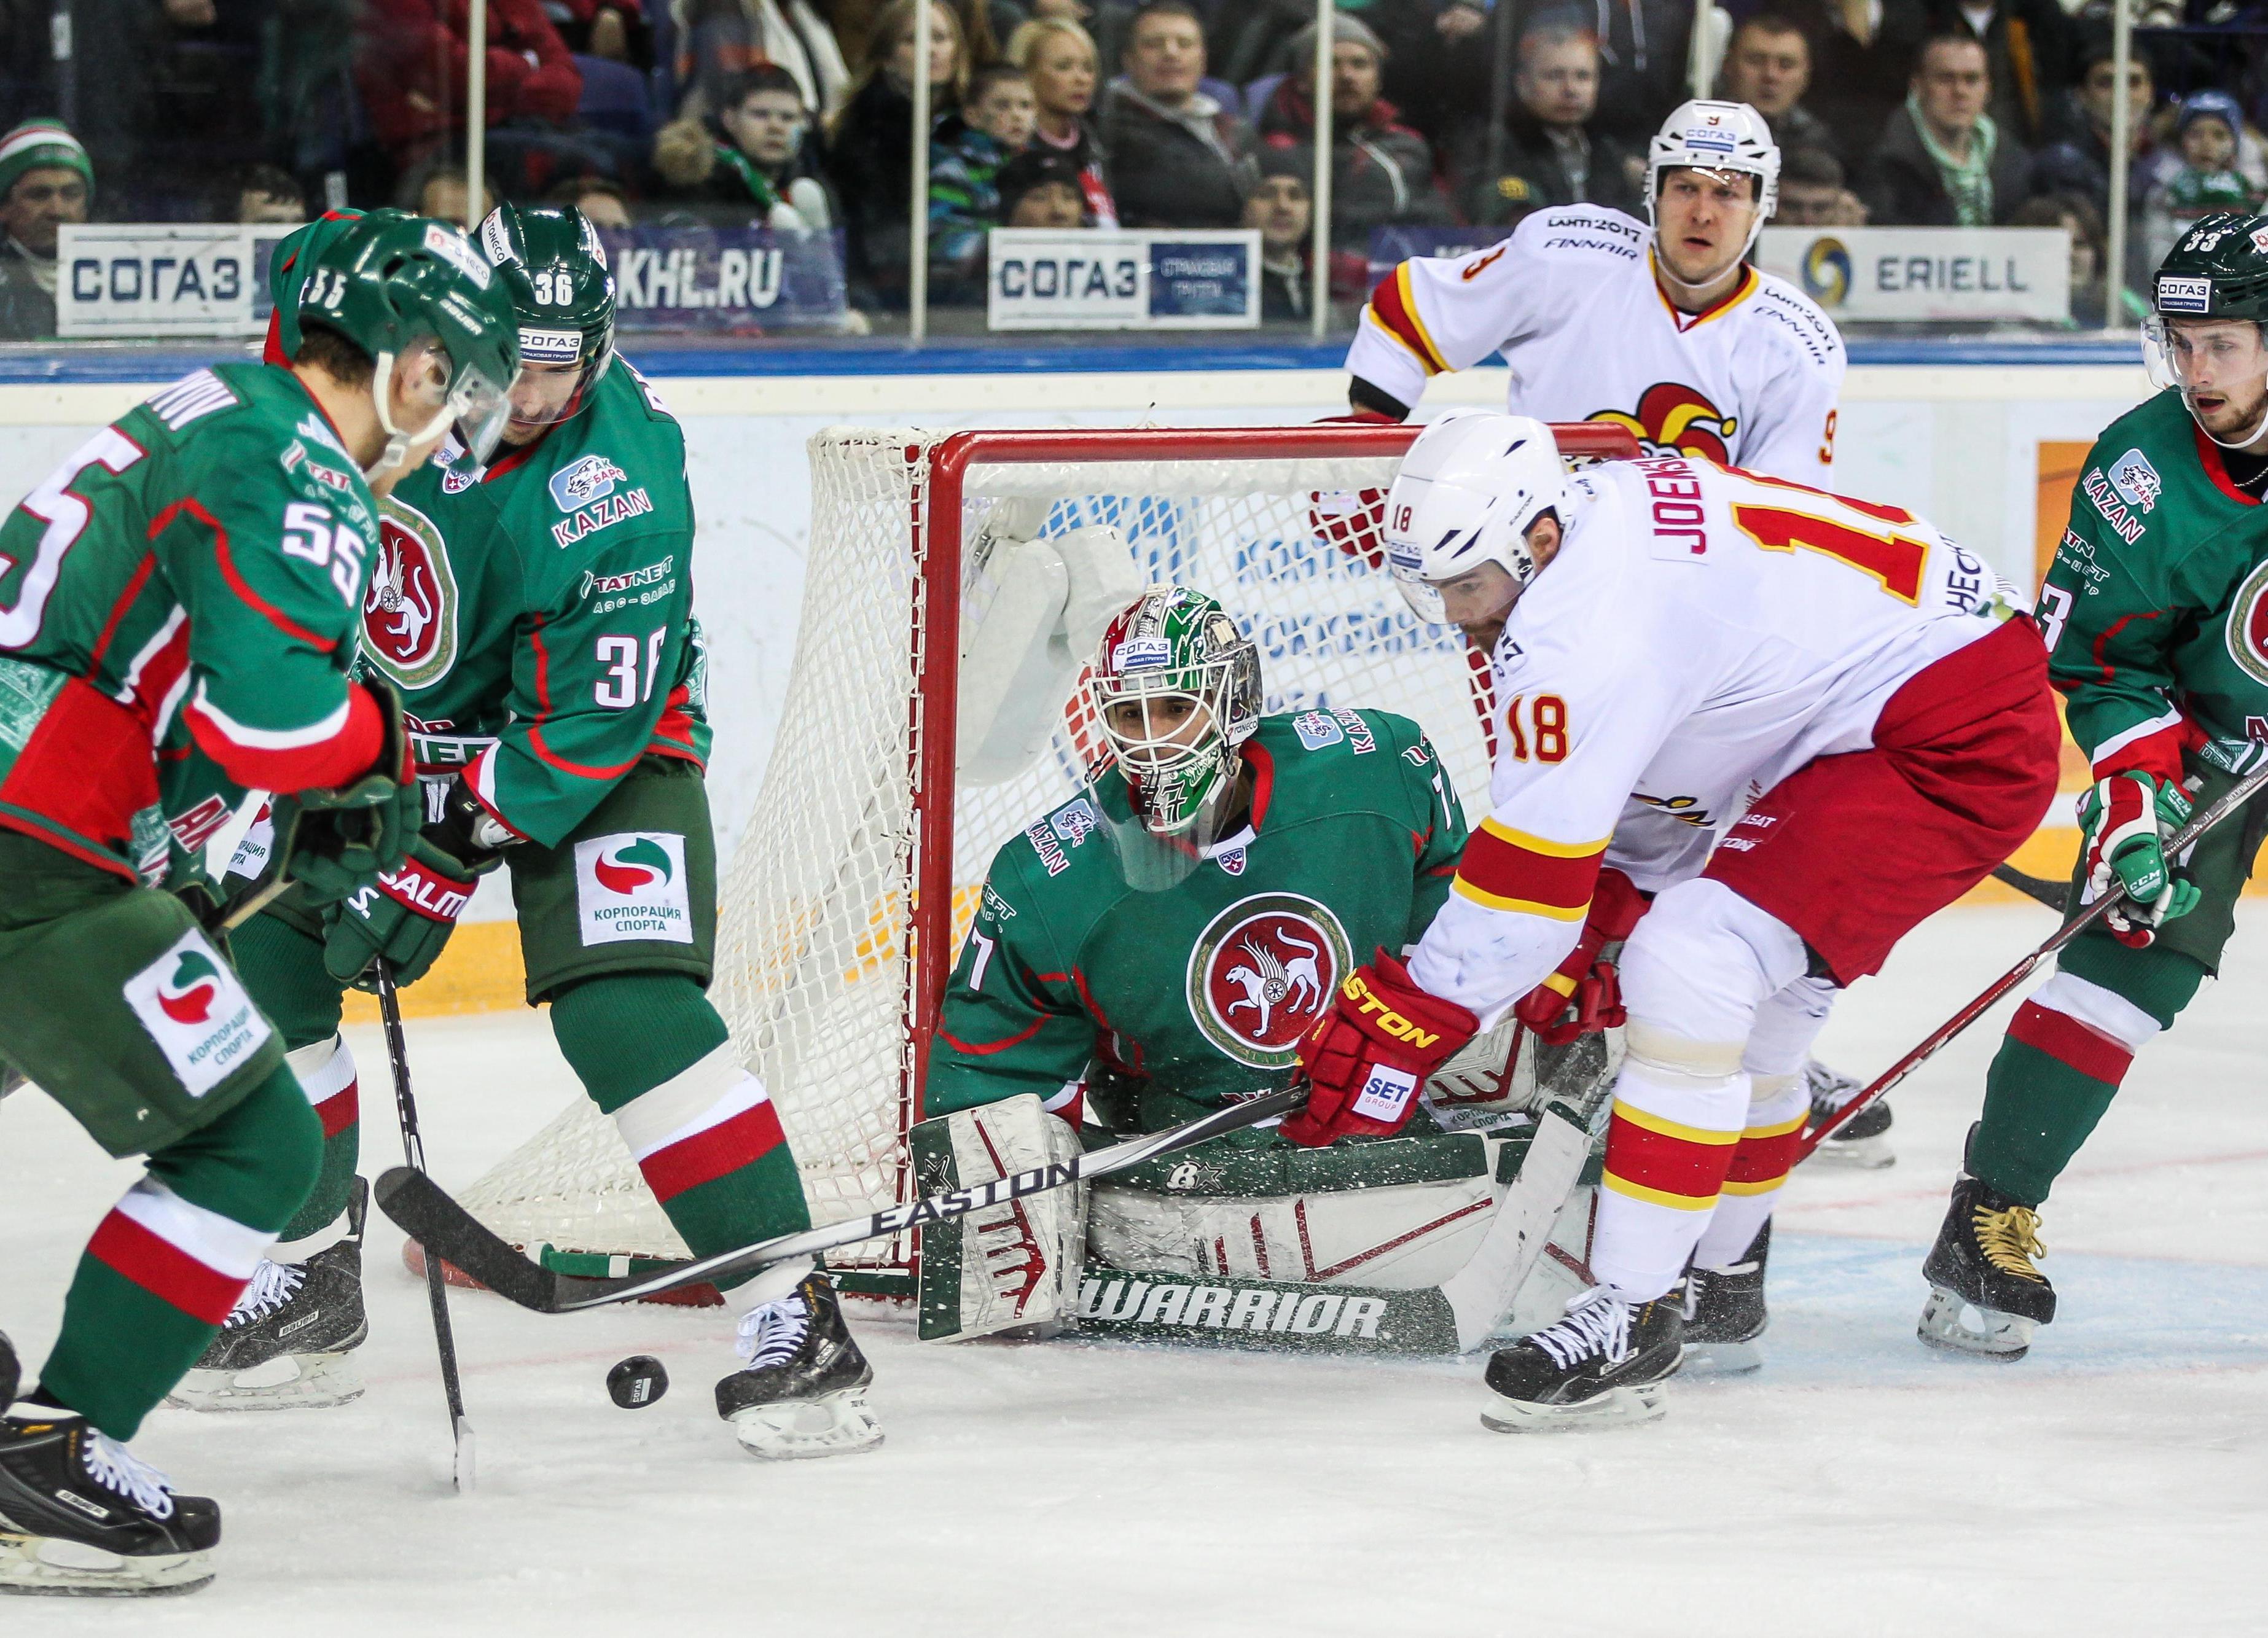 KHL erfolgreichste Liga am Spengler-Cup